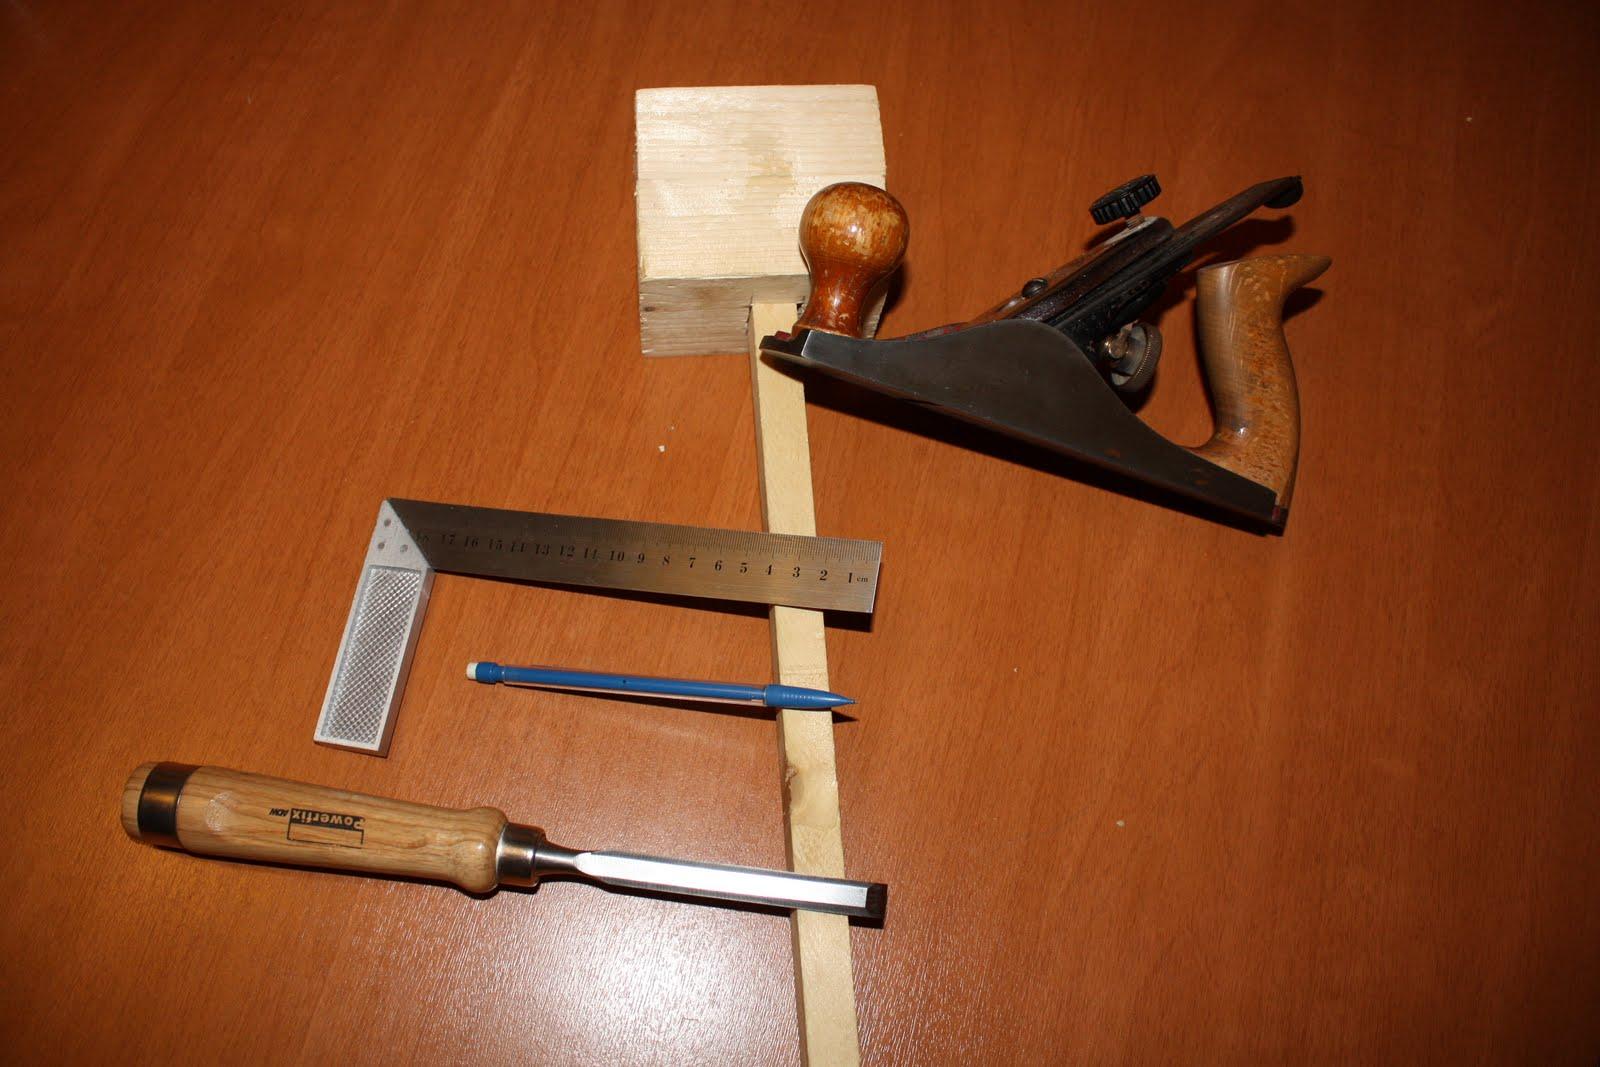 Brico carpinteria el gramil una nueva herramienta para for Herramientas para cocina